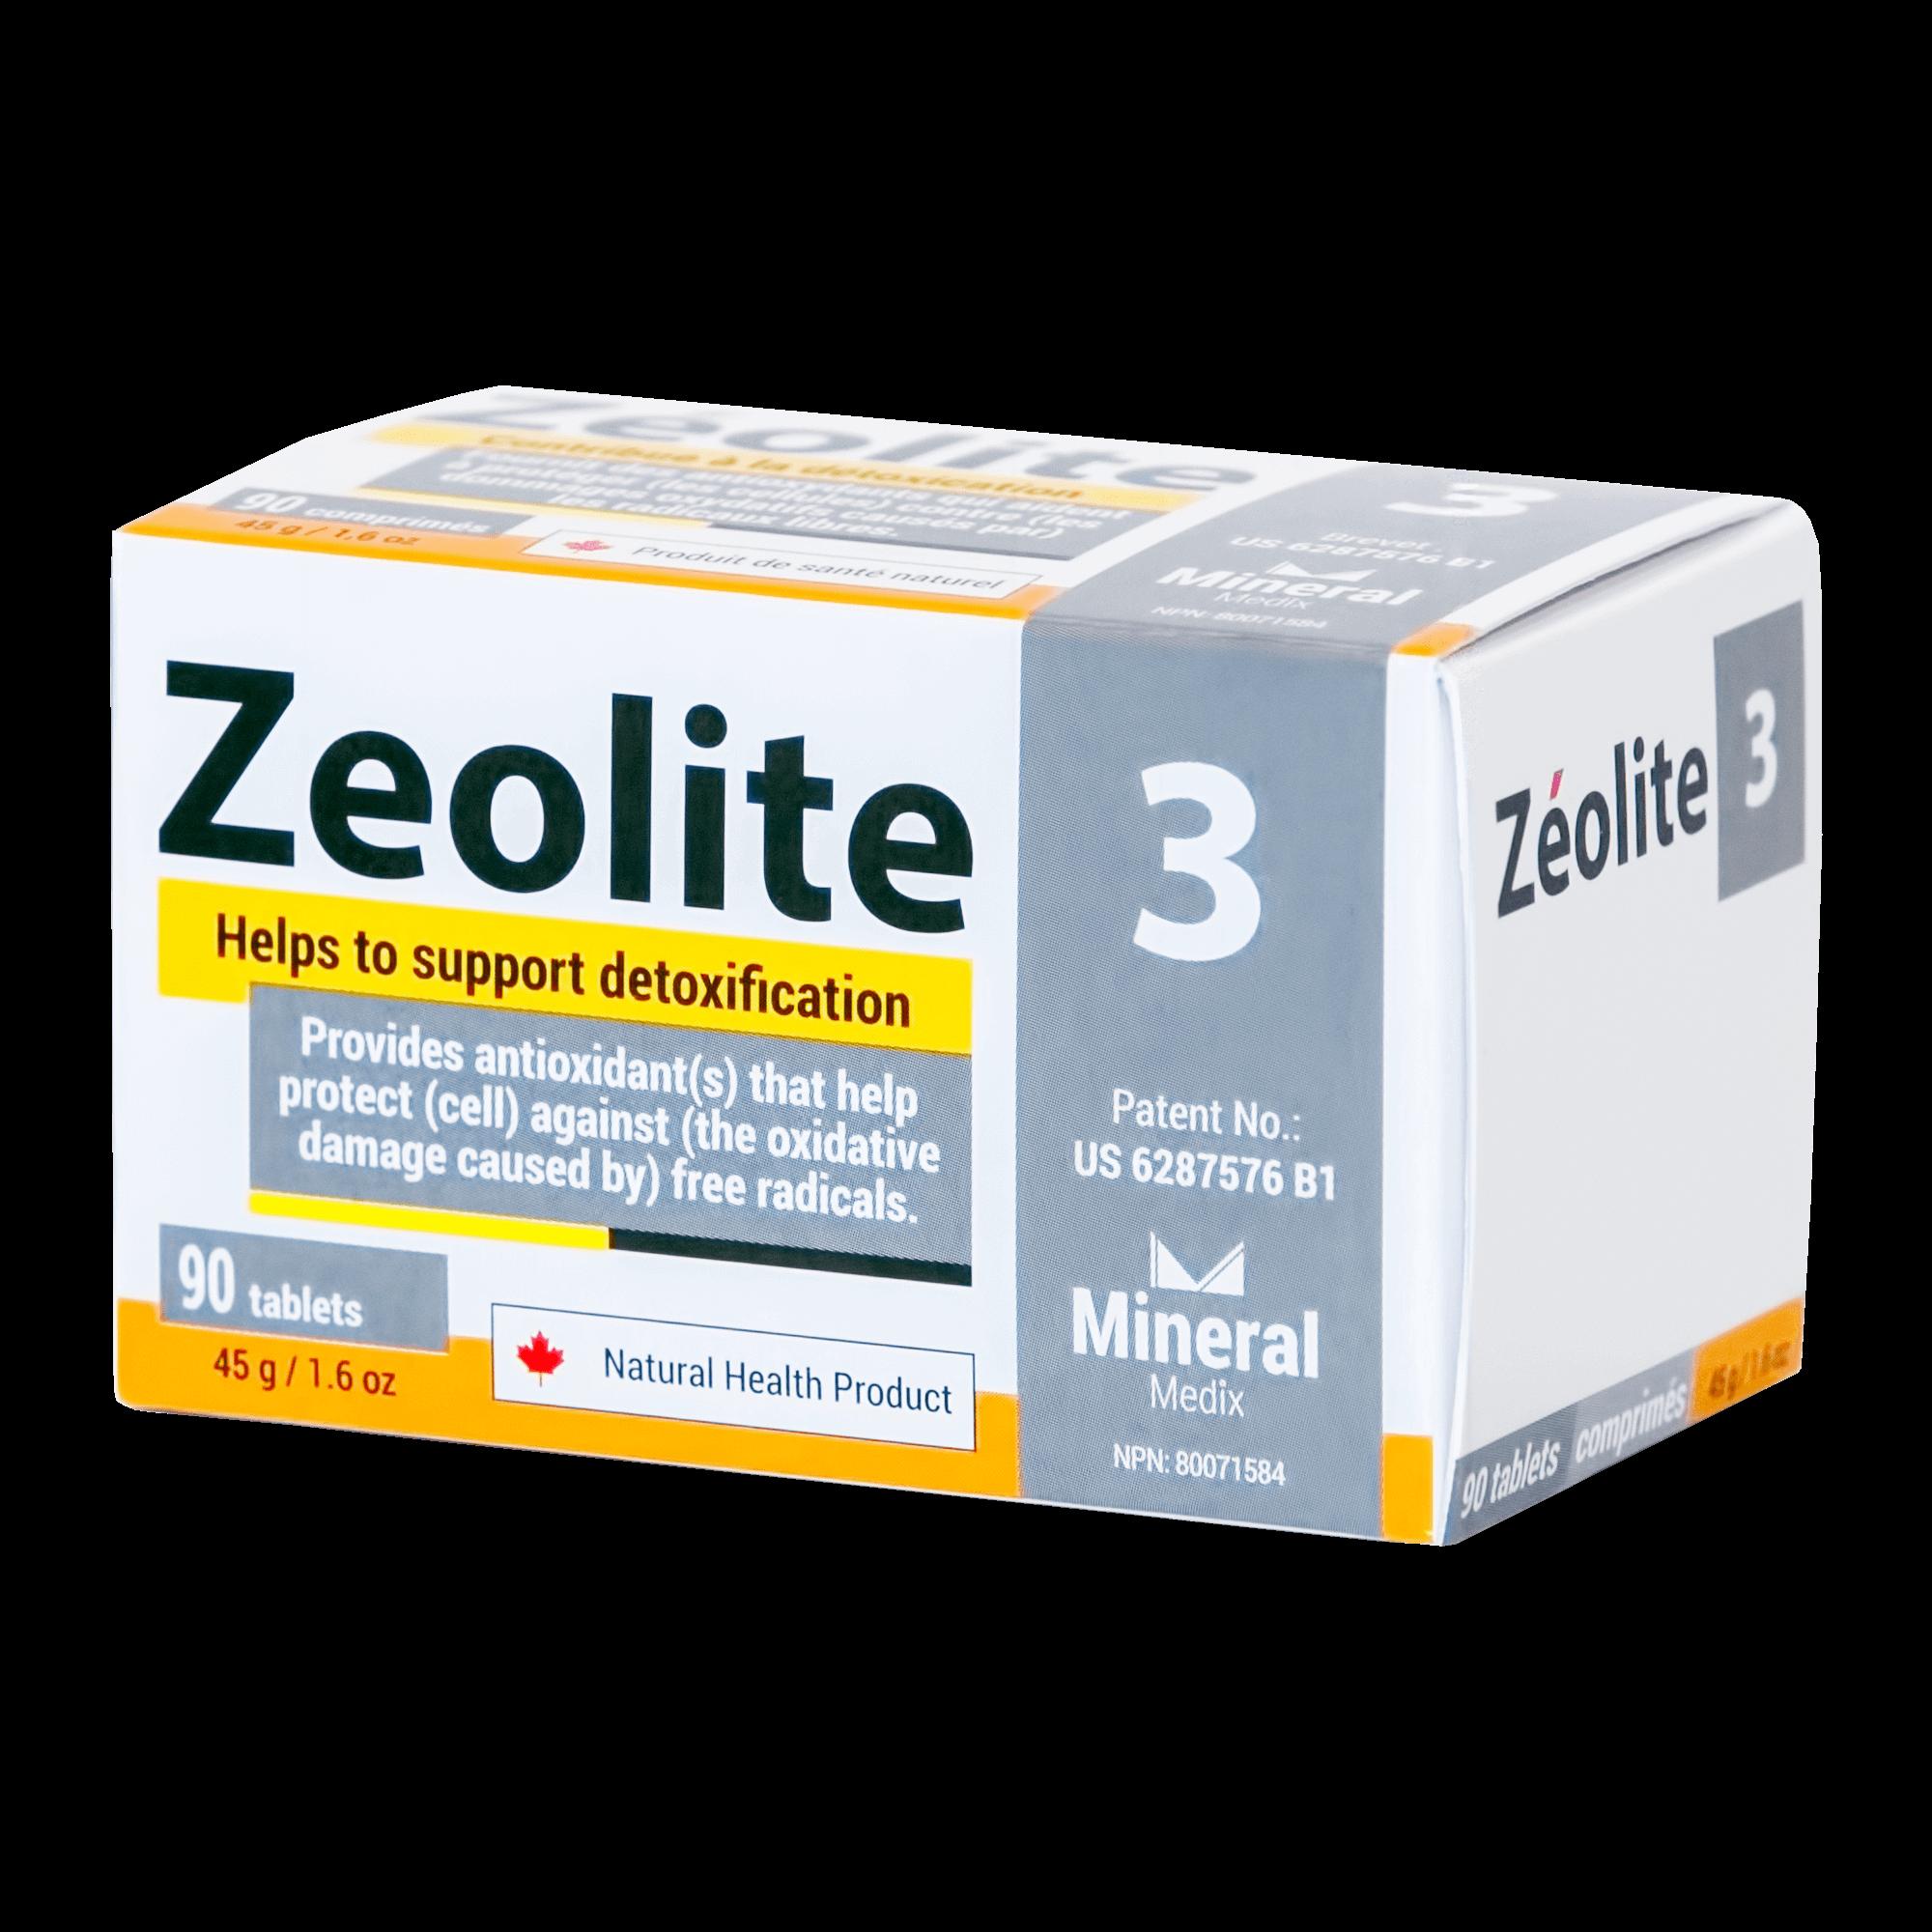 zeolite3